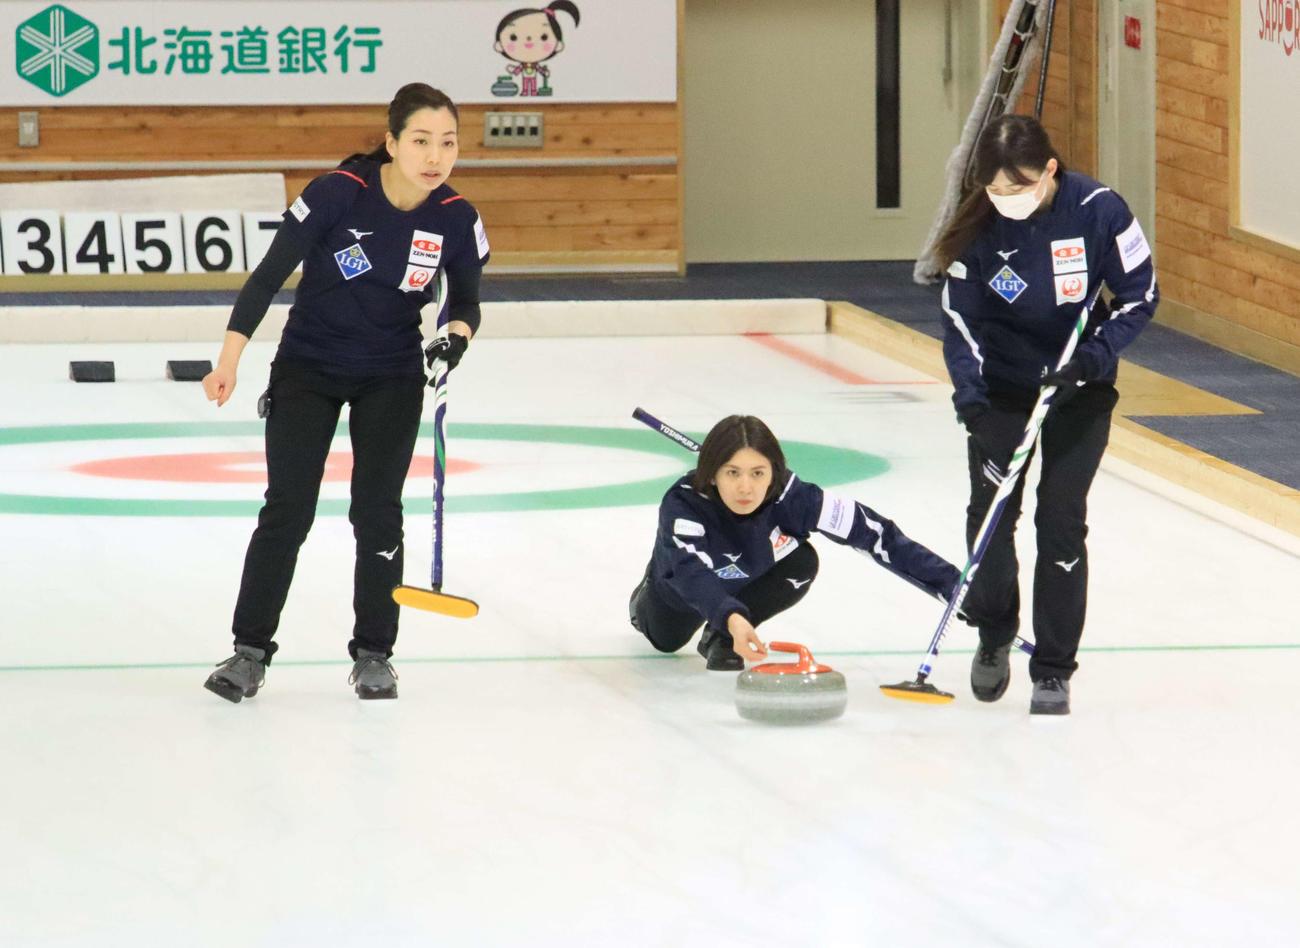 世界選手権に向けた練習を公開したカーリング女子の北海道銀行。左からセカンド近江谷、スキップ吉村、サード小野寺(2021年4月17日撮影)